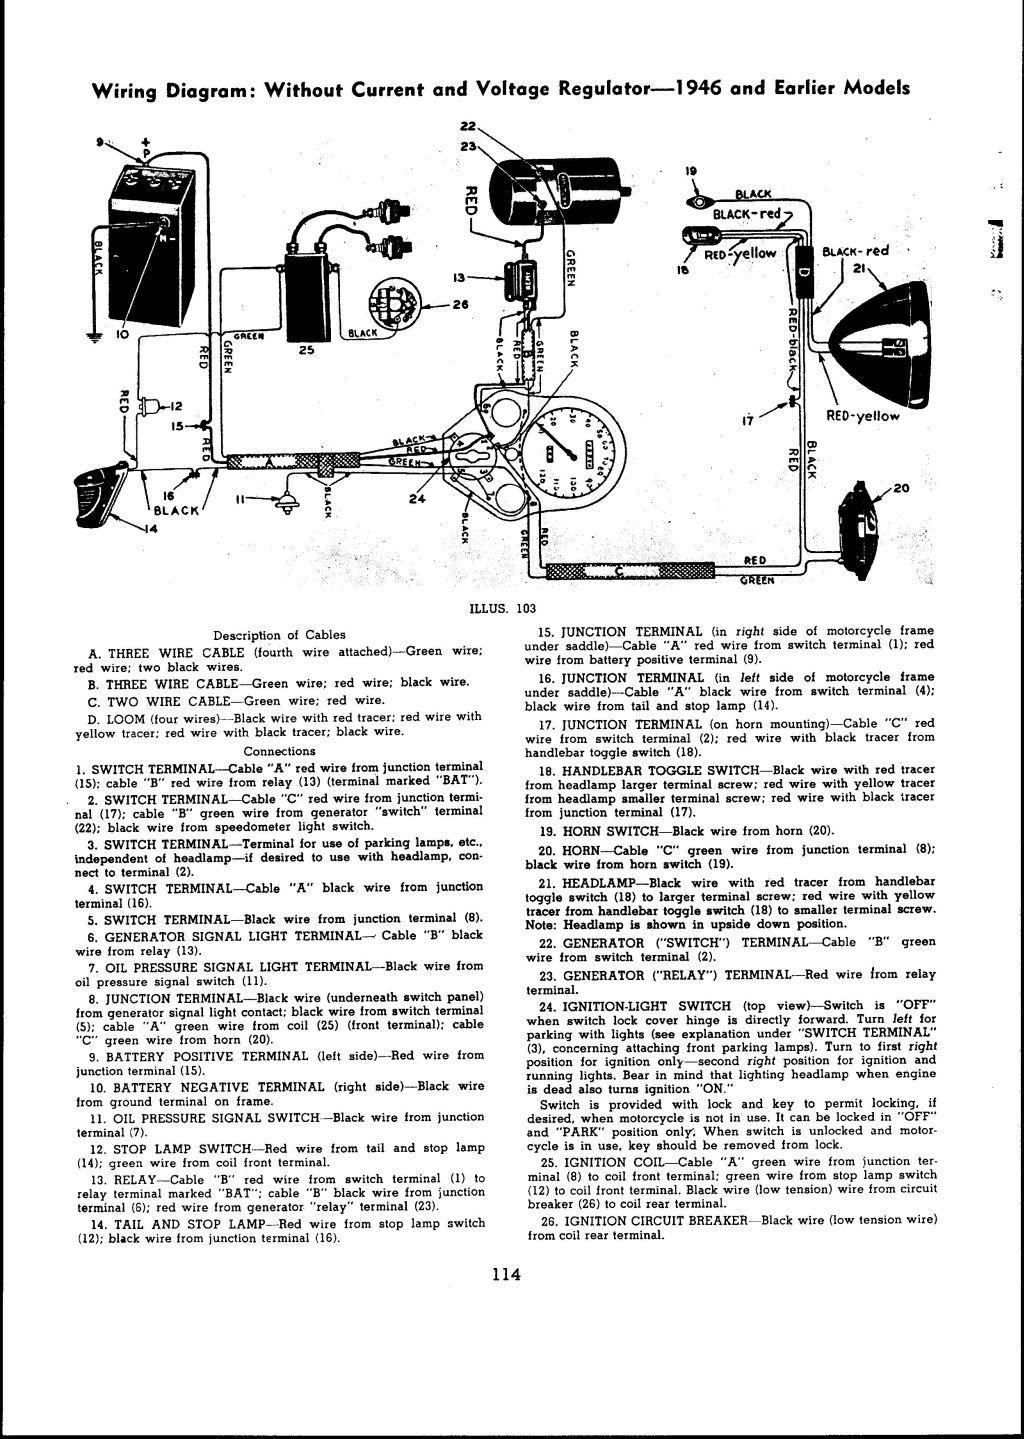 Voltage Regulator Wiring Diagram